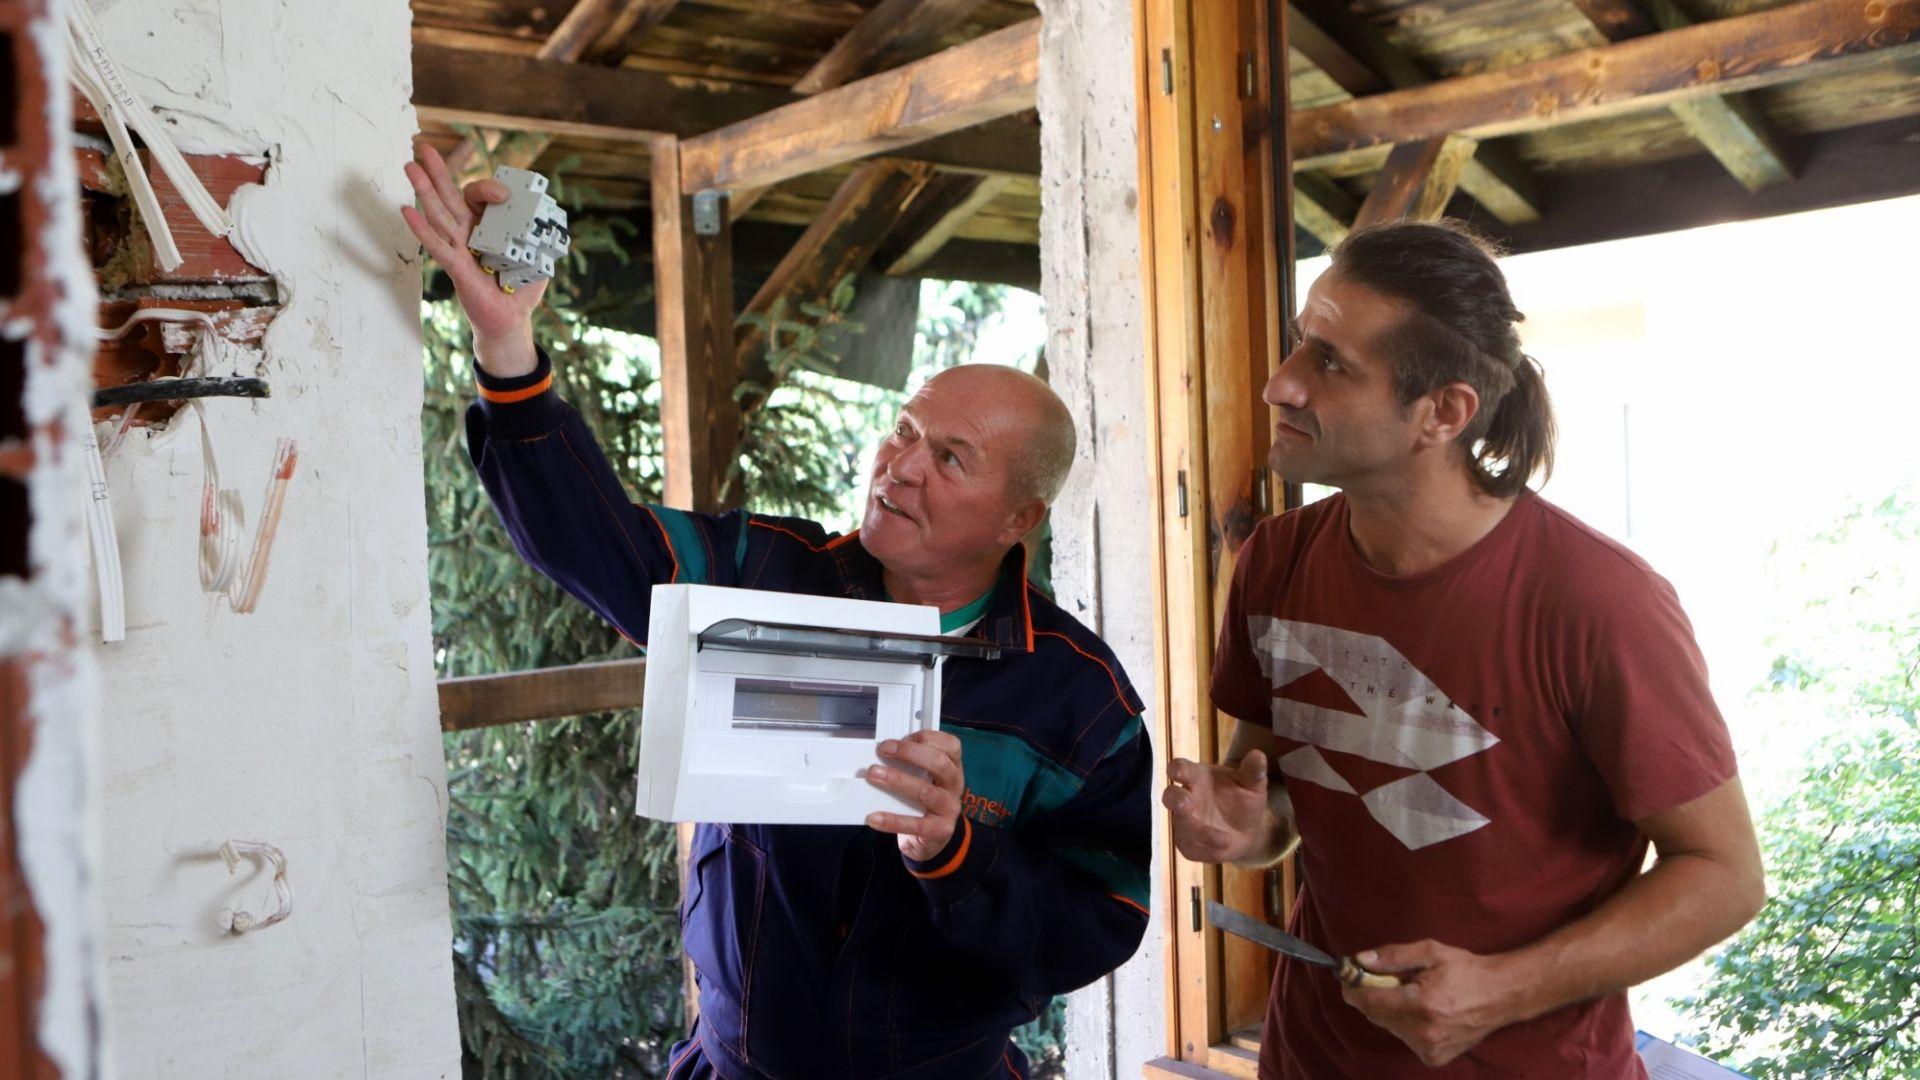 Нови решения за дома излизат на пазара, представя ги актьорът Филип Аврамов